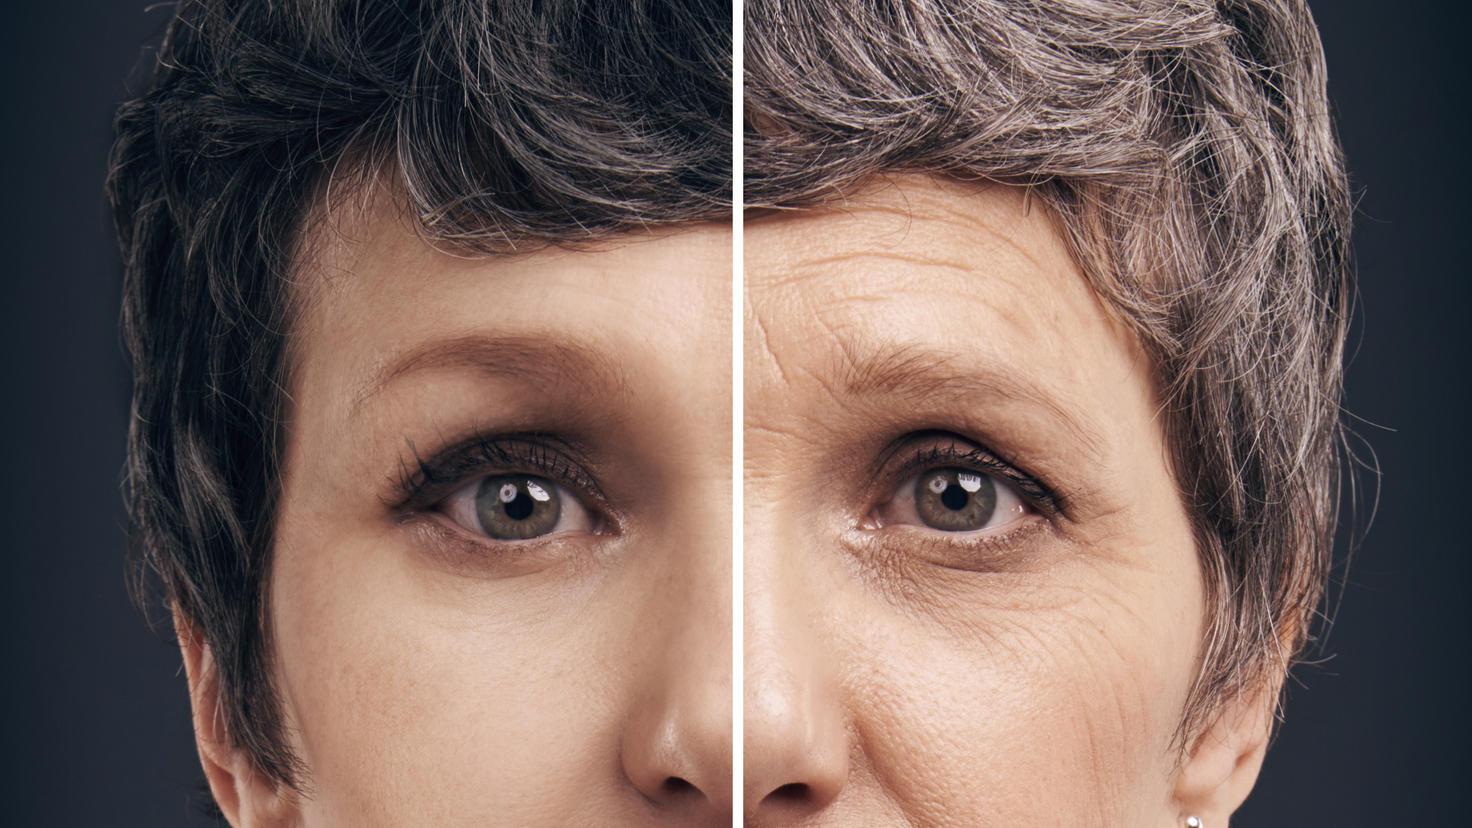 Chinesische Forscher haben ein Gen entdeckt, dass den Alterungsprozess beeinflusst.